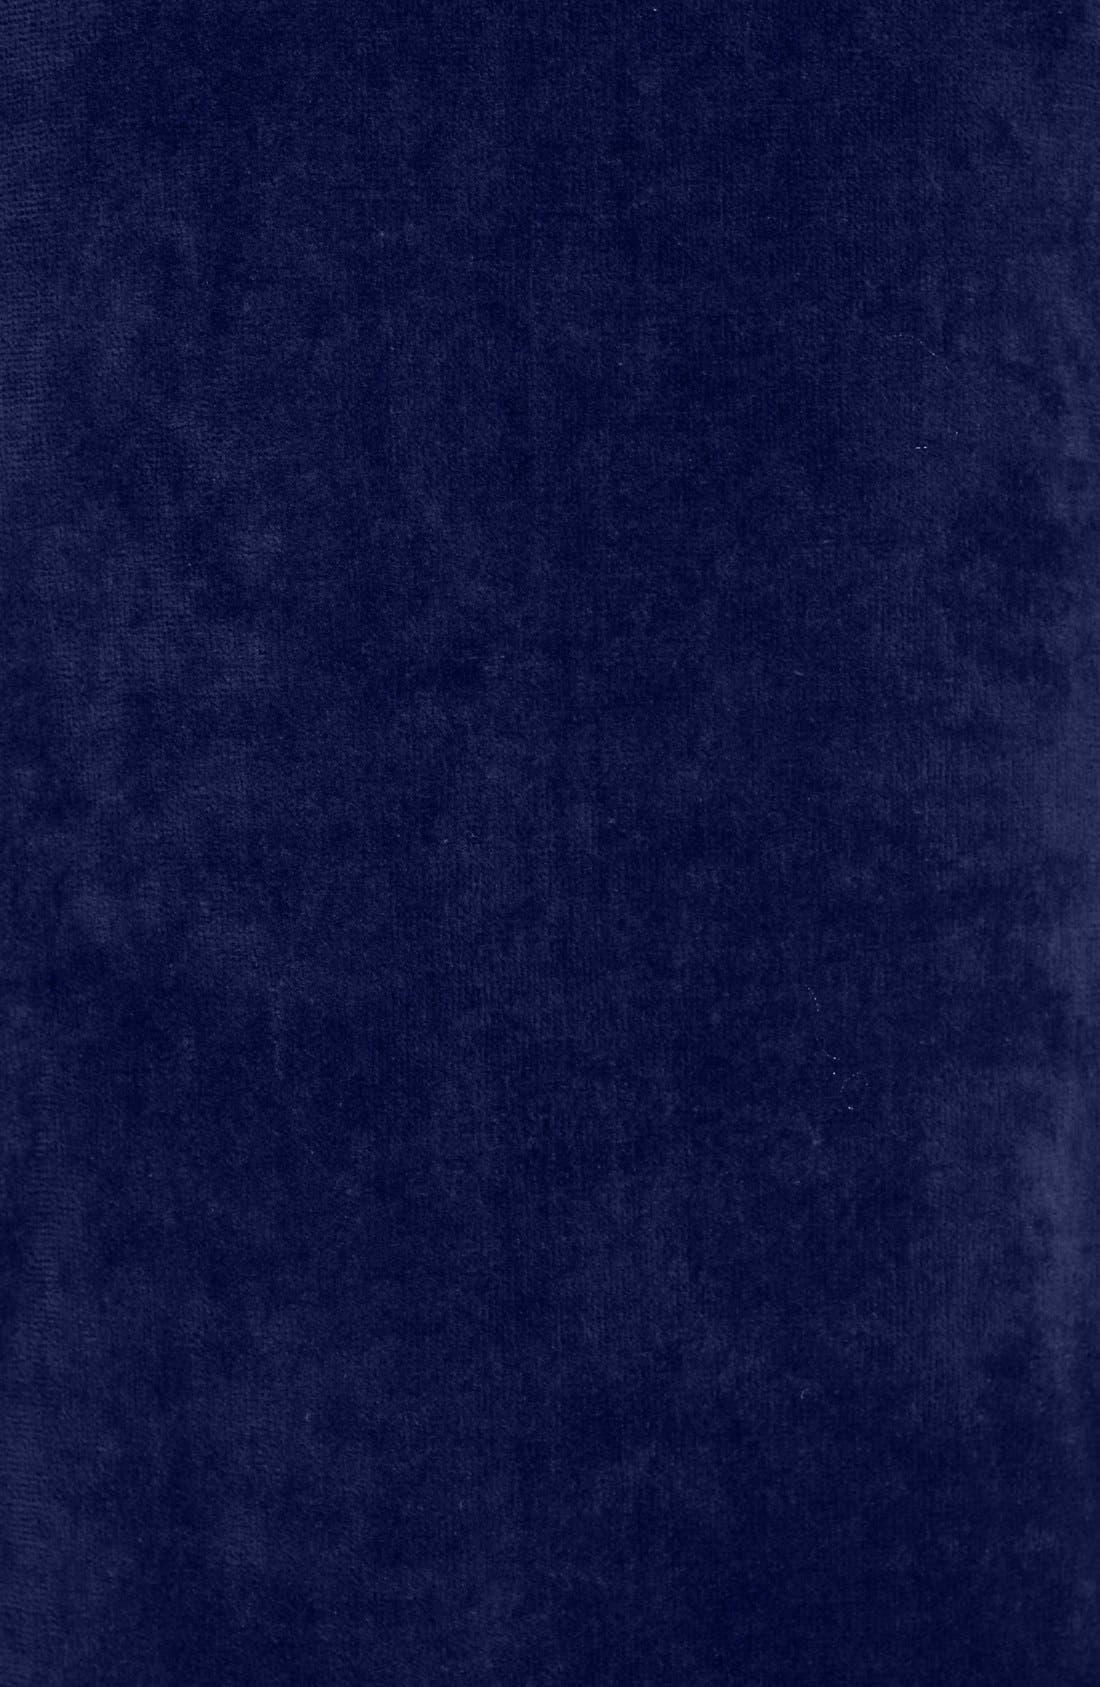 Cotton Fleece Robe,                             Alternate thumbnail 3, color,                             NAVY